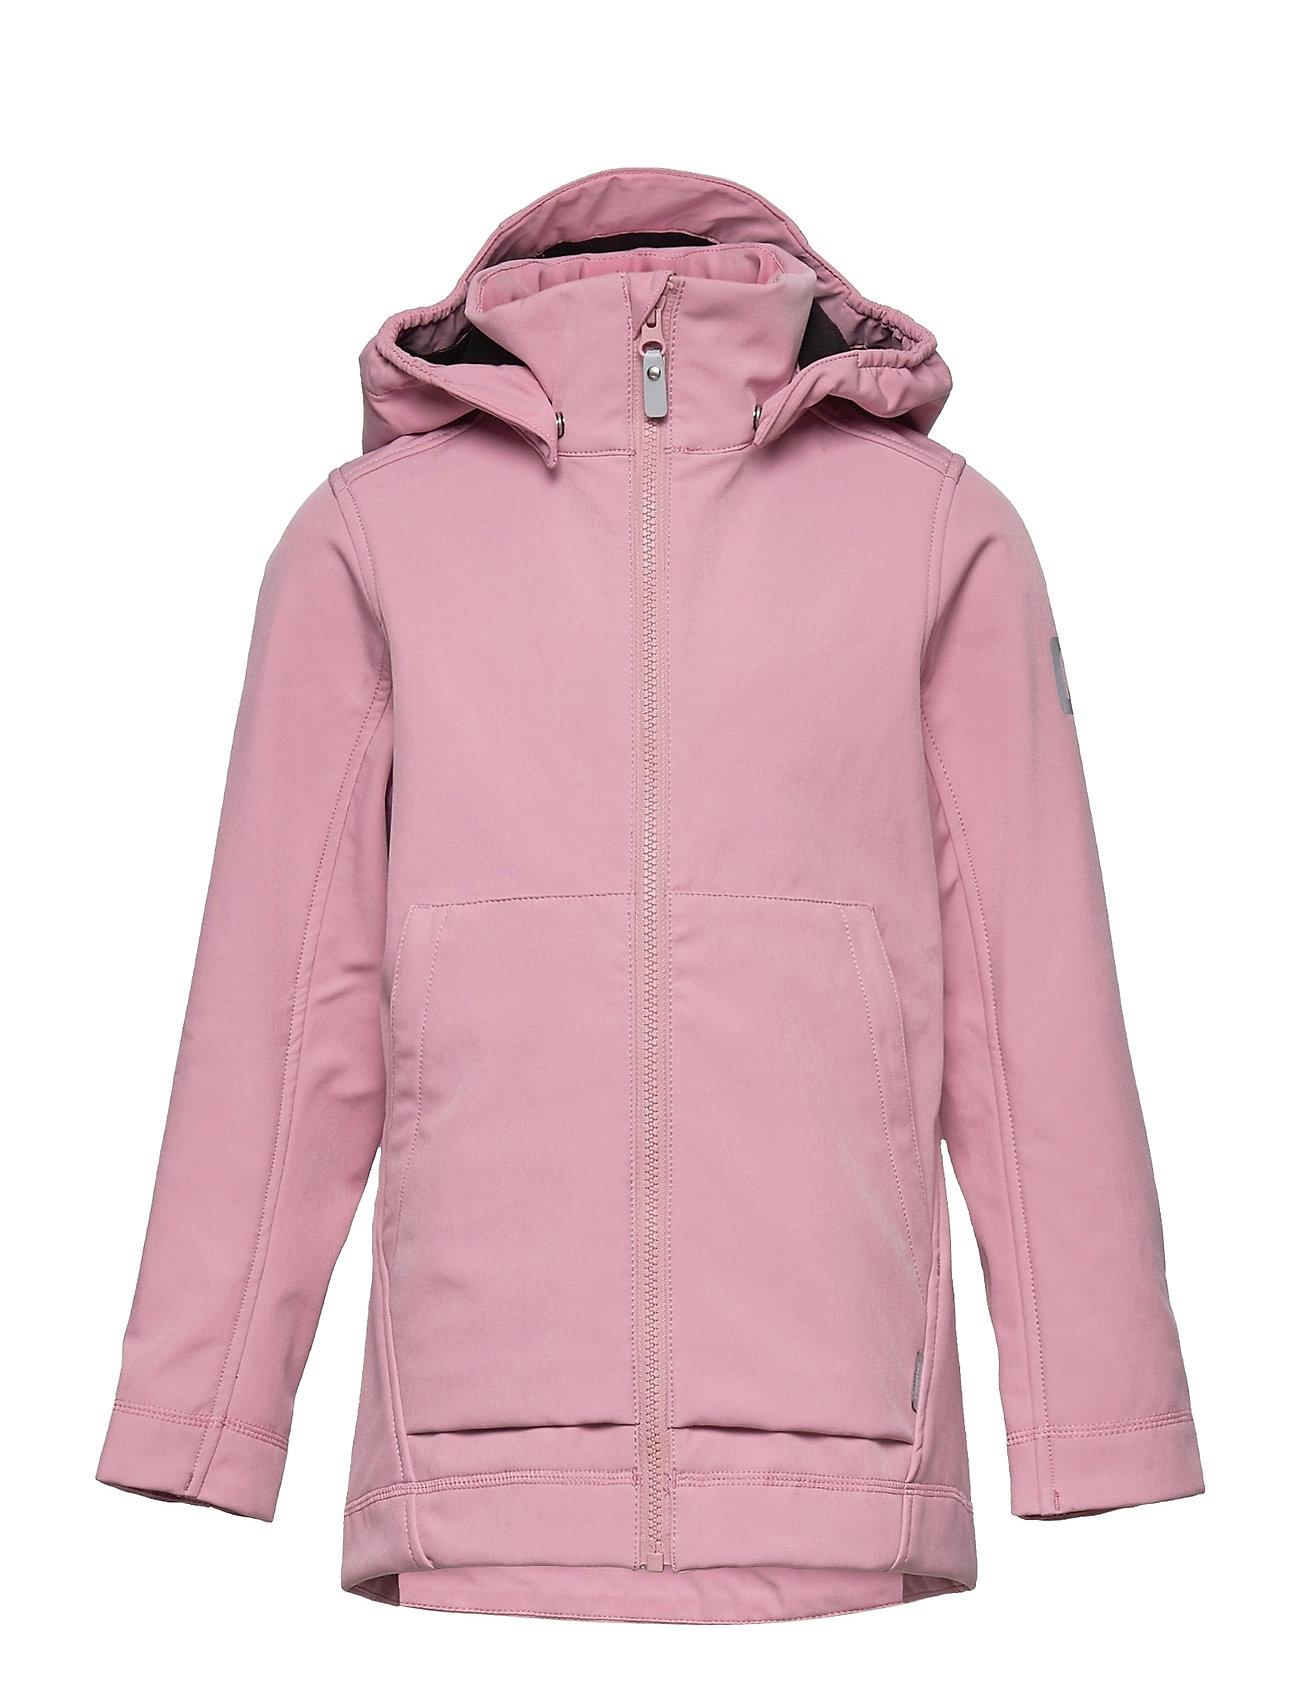 Espoo Outerwear Softshells Softshell Jackets Lyserød Reima